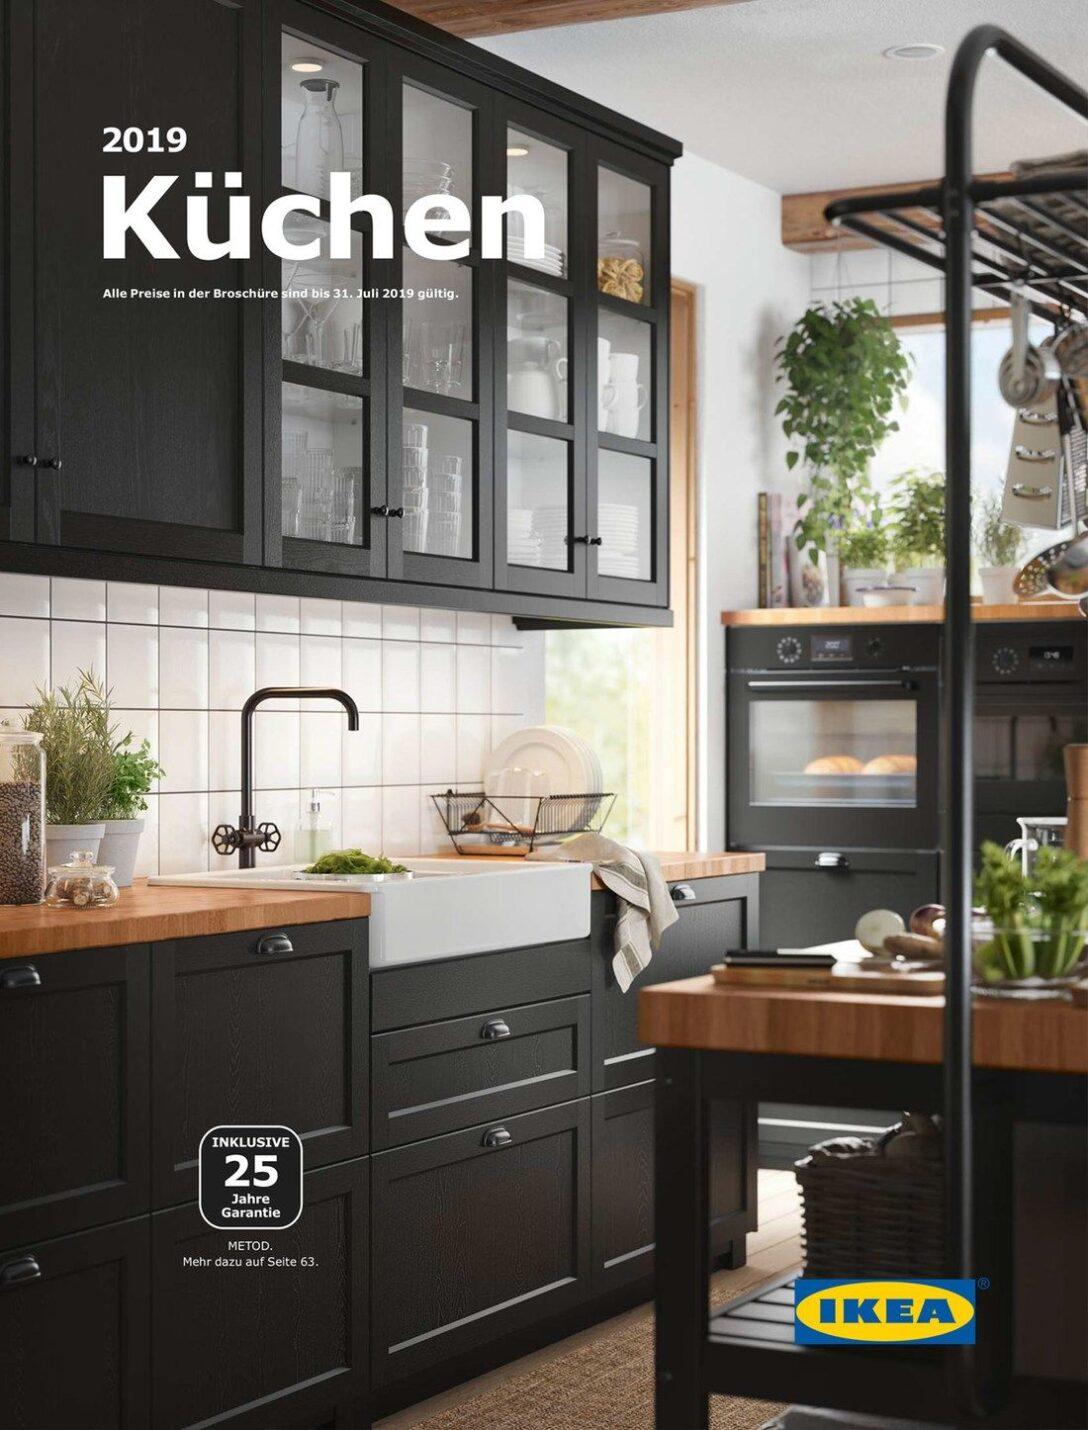 Large Size of Mülleimer Küche Ikea Kche Katalog Fr 2020 Kchen Design Bodenbelge Raffrollo Was Kostet Eine Neue Schnittschutzhandschuhe Klapptisch Laminat Für Sideboard Wohnzimmer Mülleimer Küche Ikea